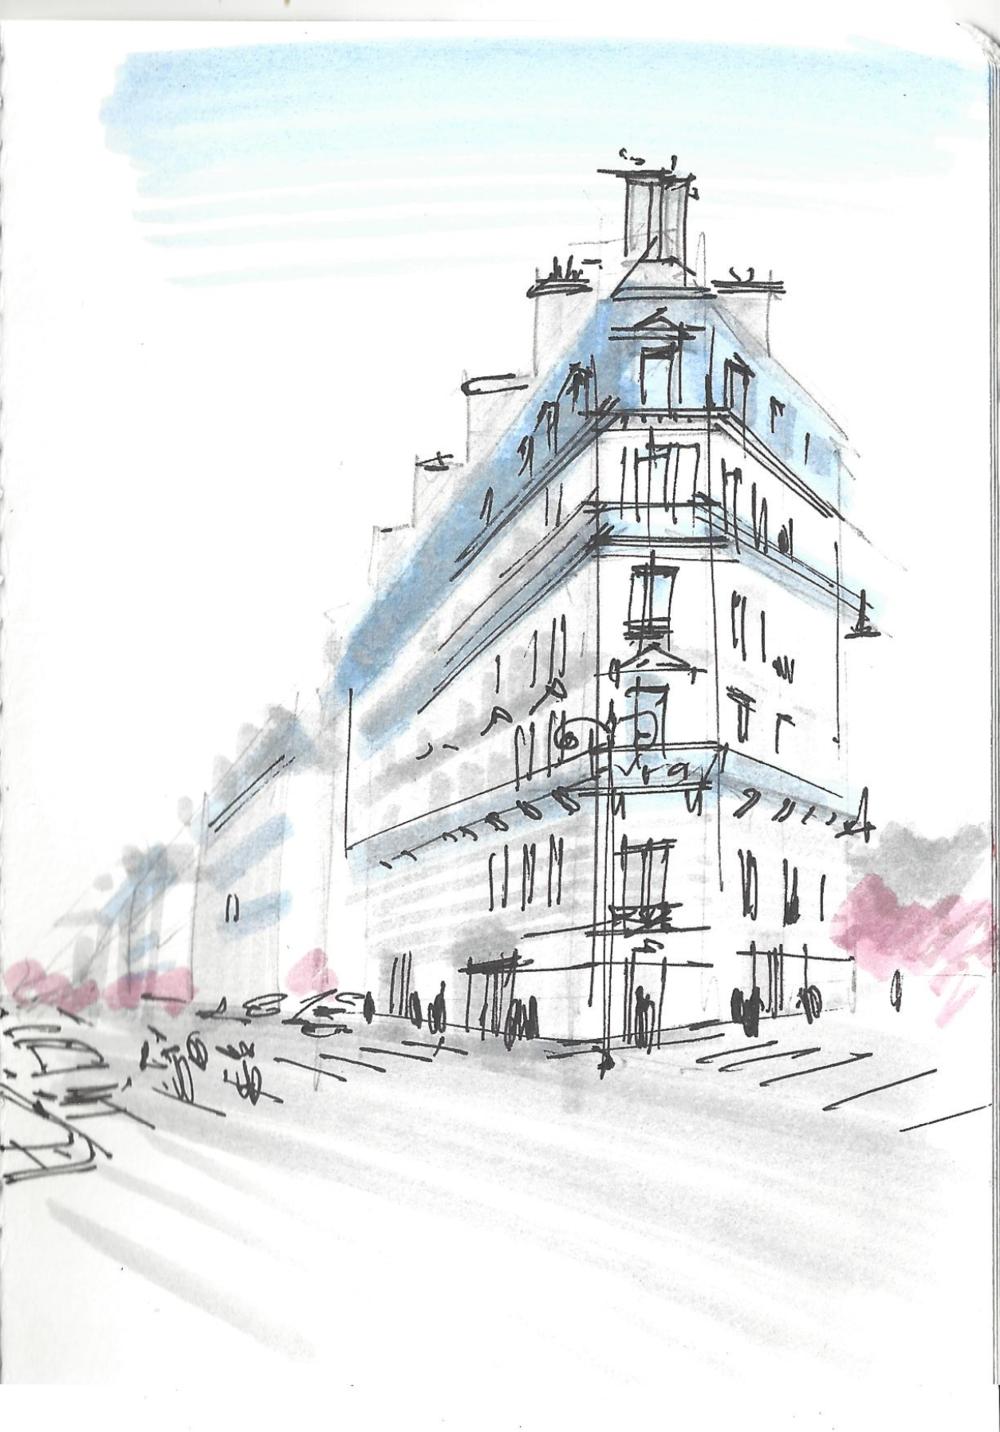 Мой скетч карандашом, маркерами (голубой , розовыйи серый) и линером в скетчбуке А6